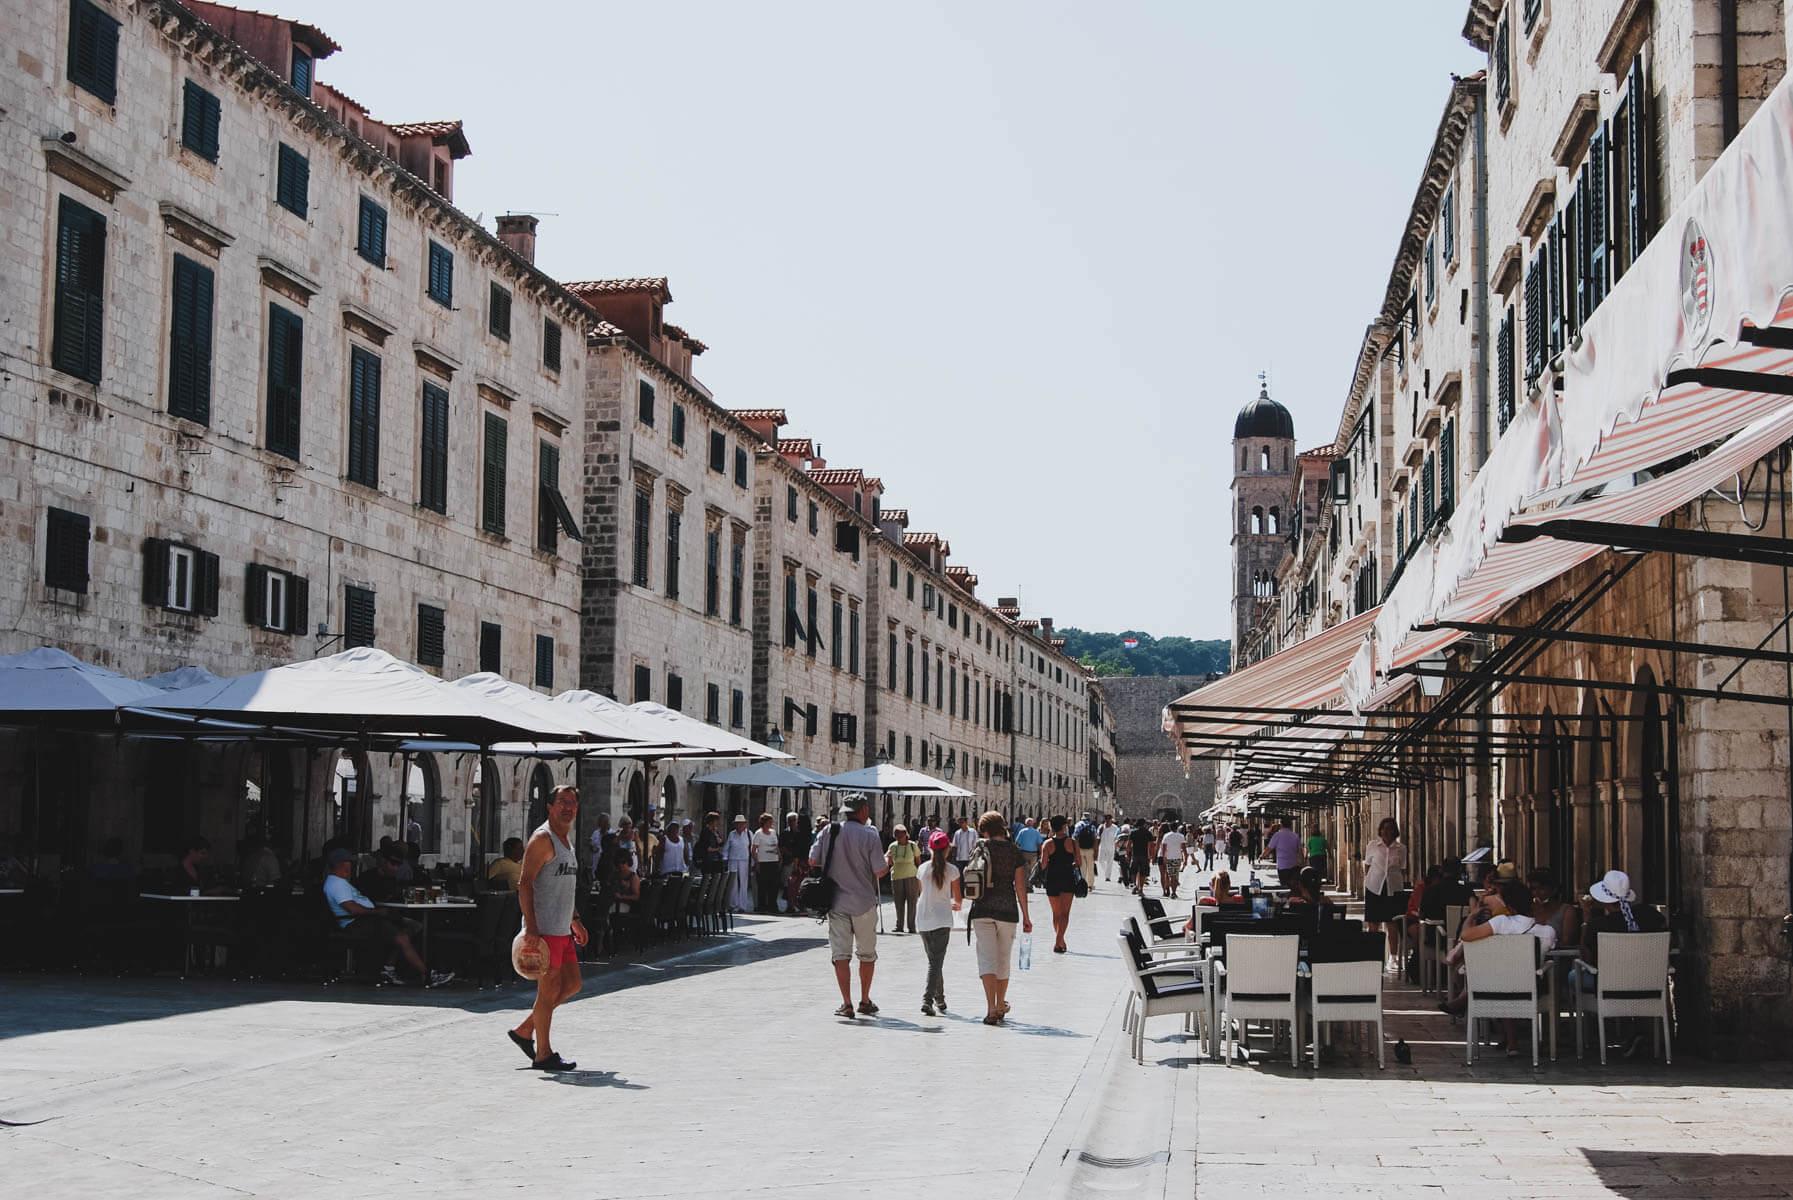 Gassen in der Altstadt von Dubrovnik